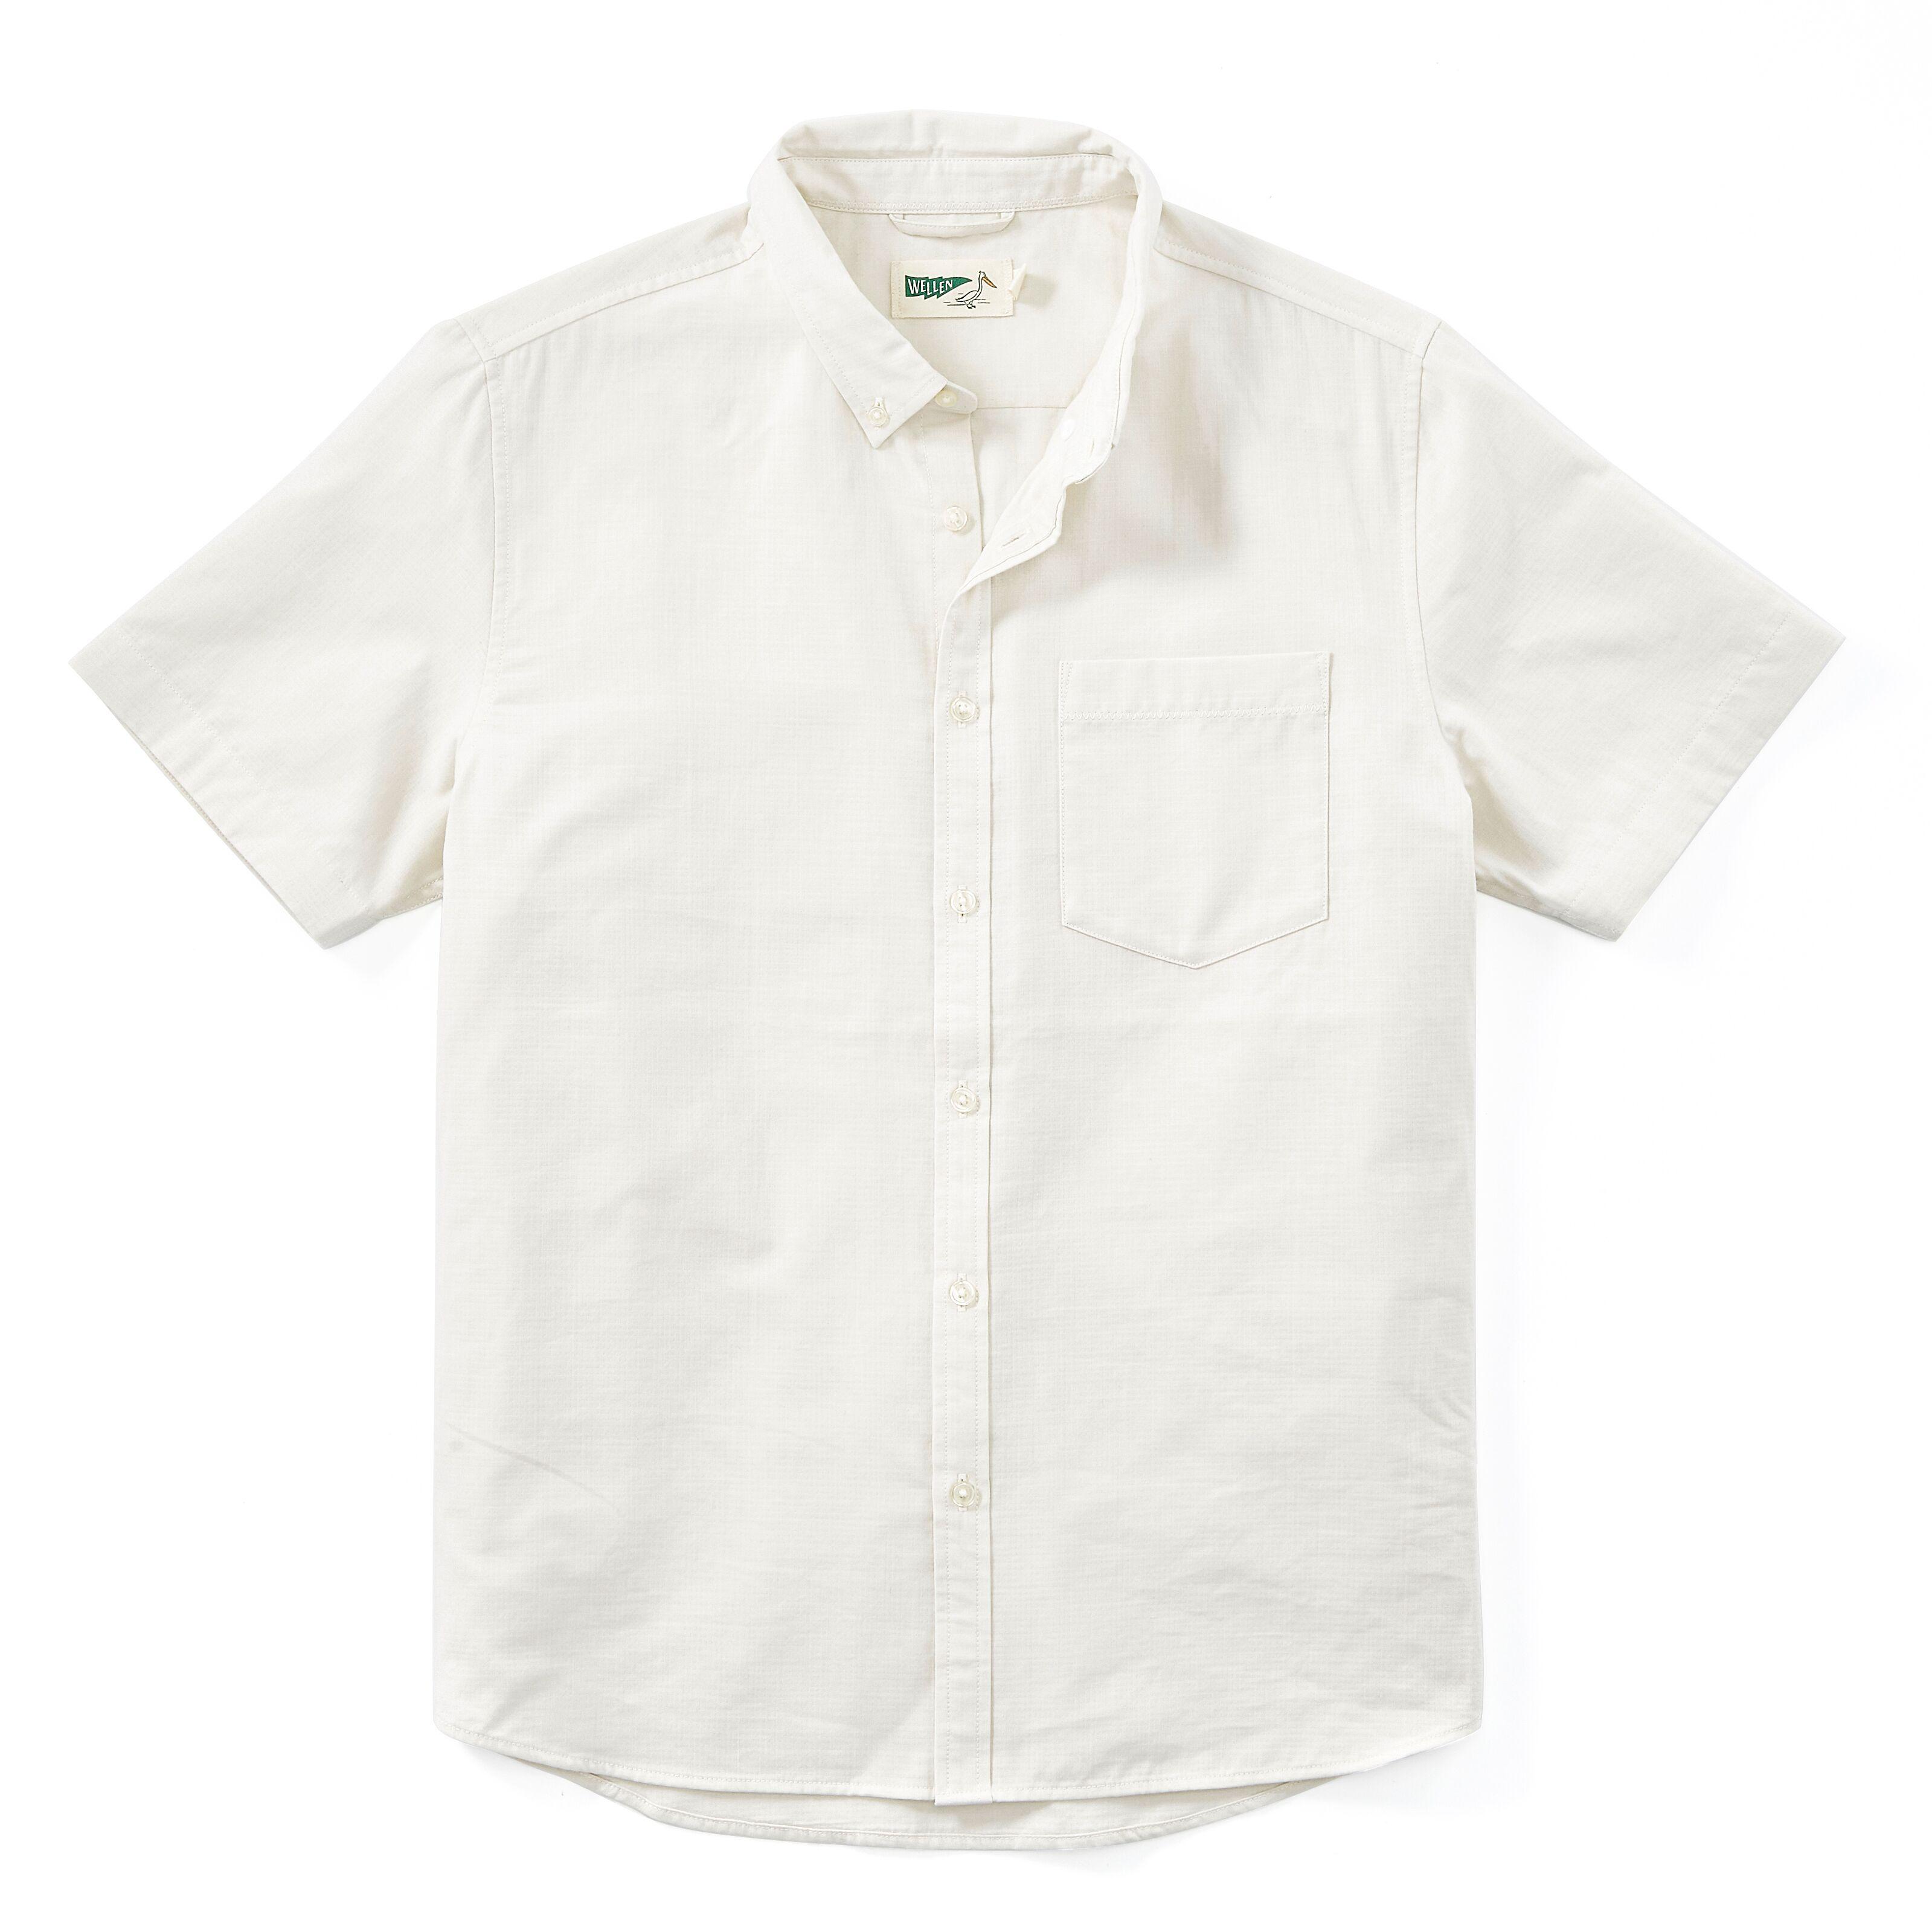 Wellen Double Cloth Short Sleeve Shirt